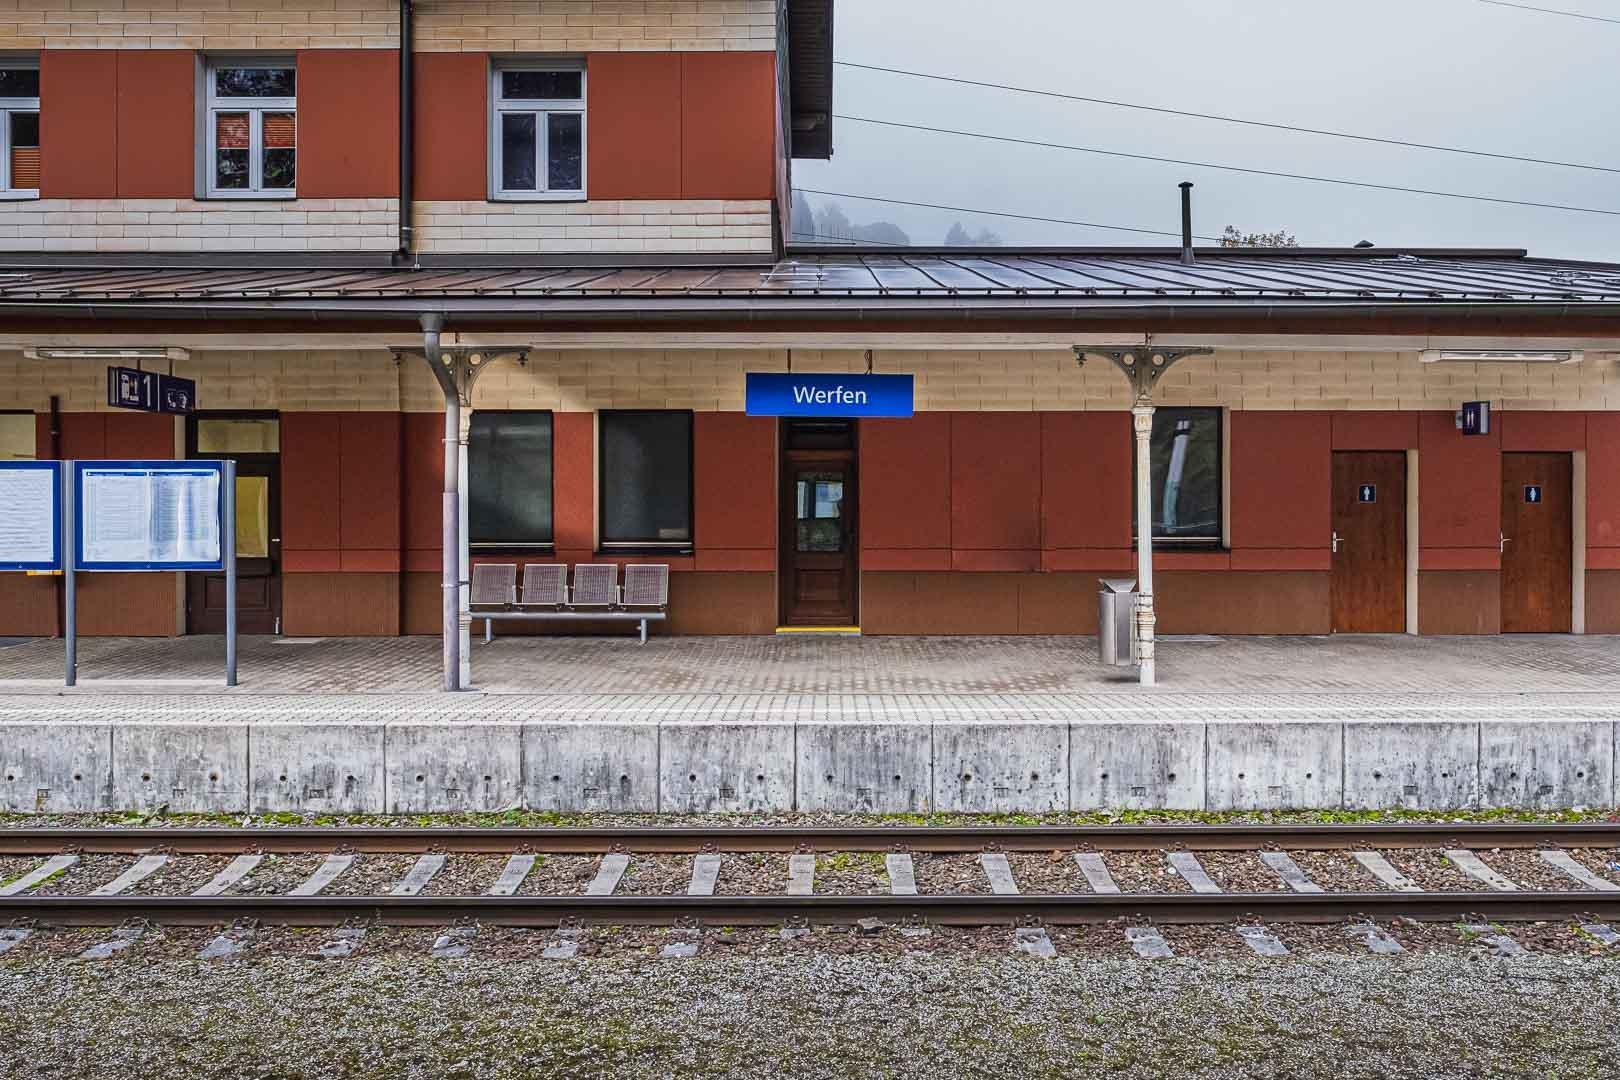 The train station in Werfen